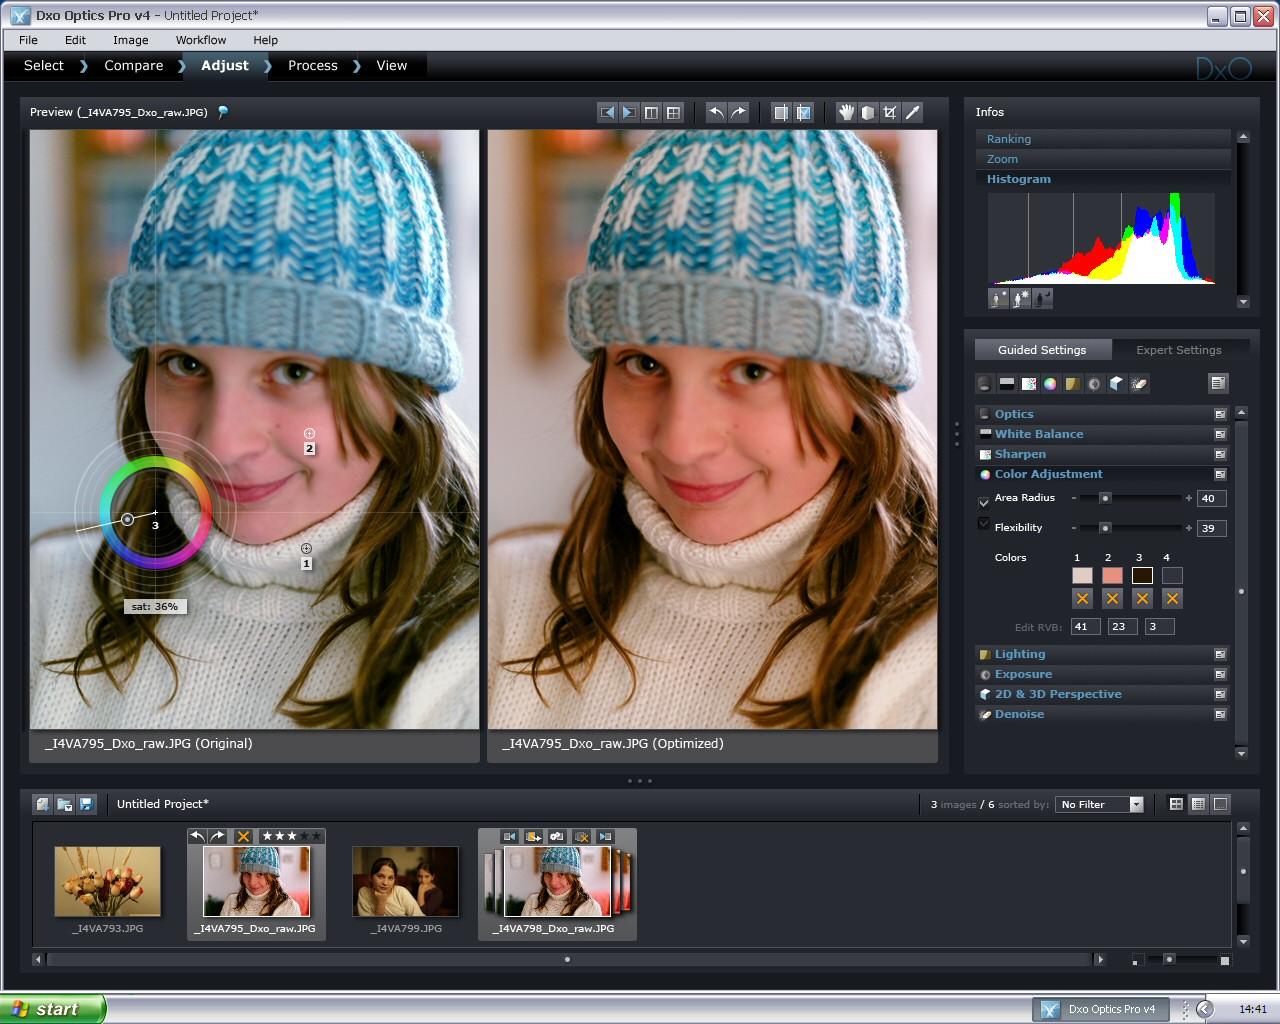 онлайн фото обработка фильтры